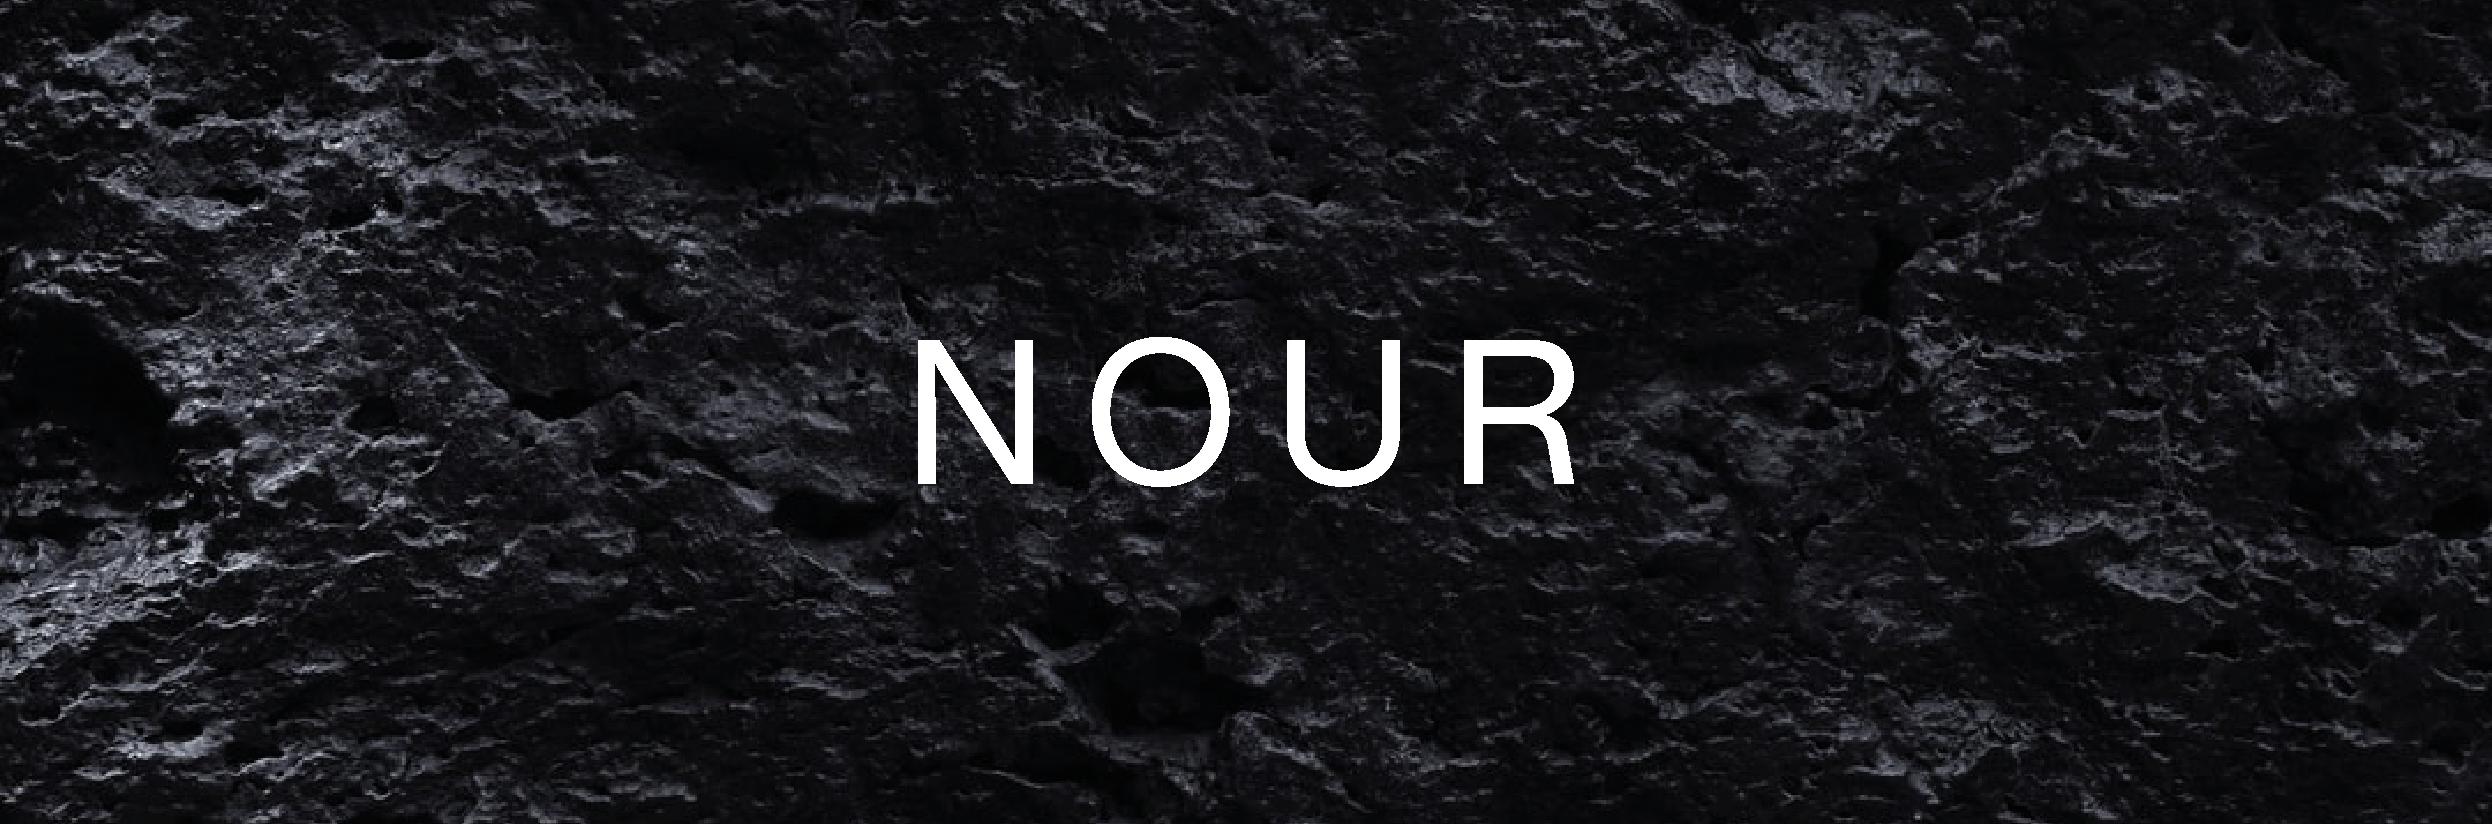 nour (1)